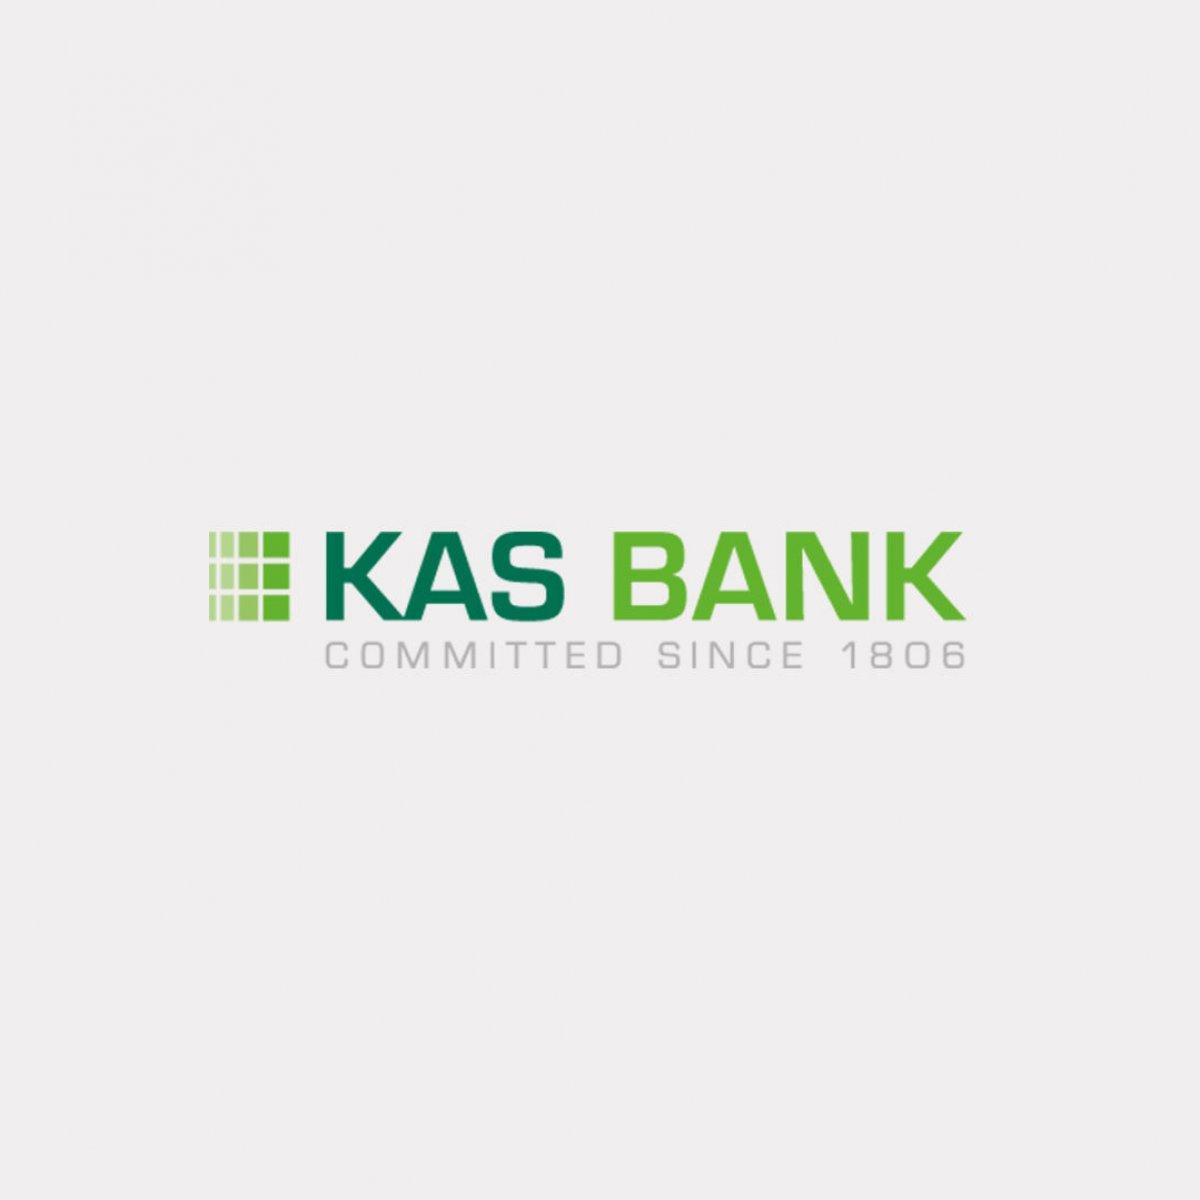 kasbank.nl